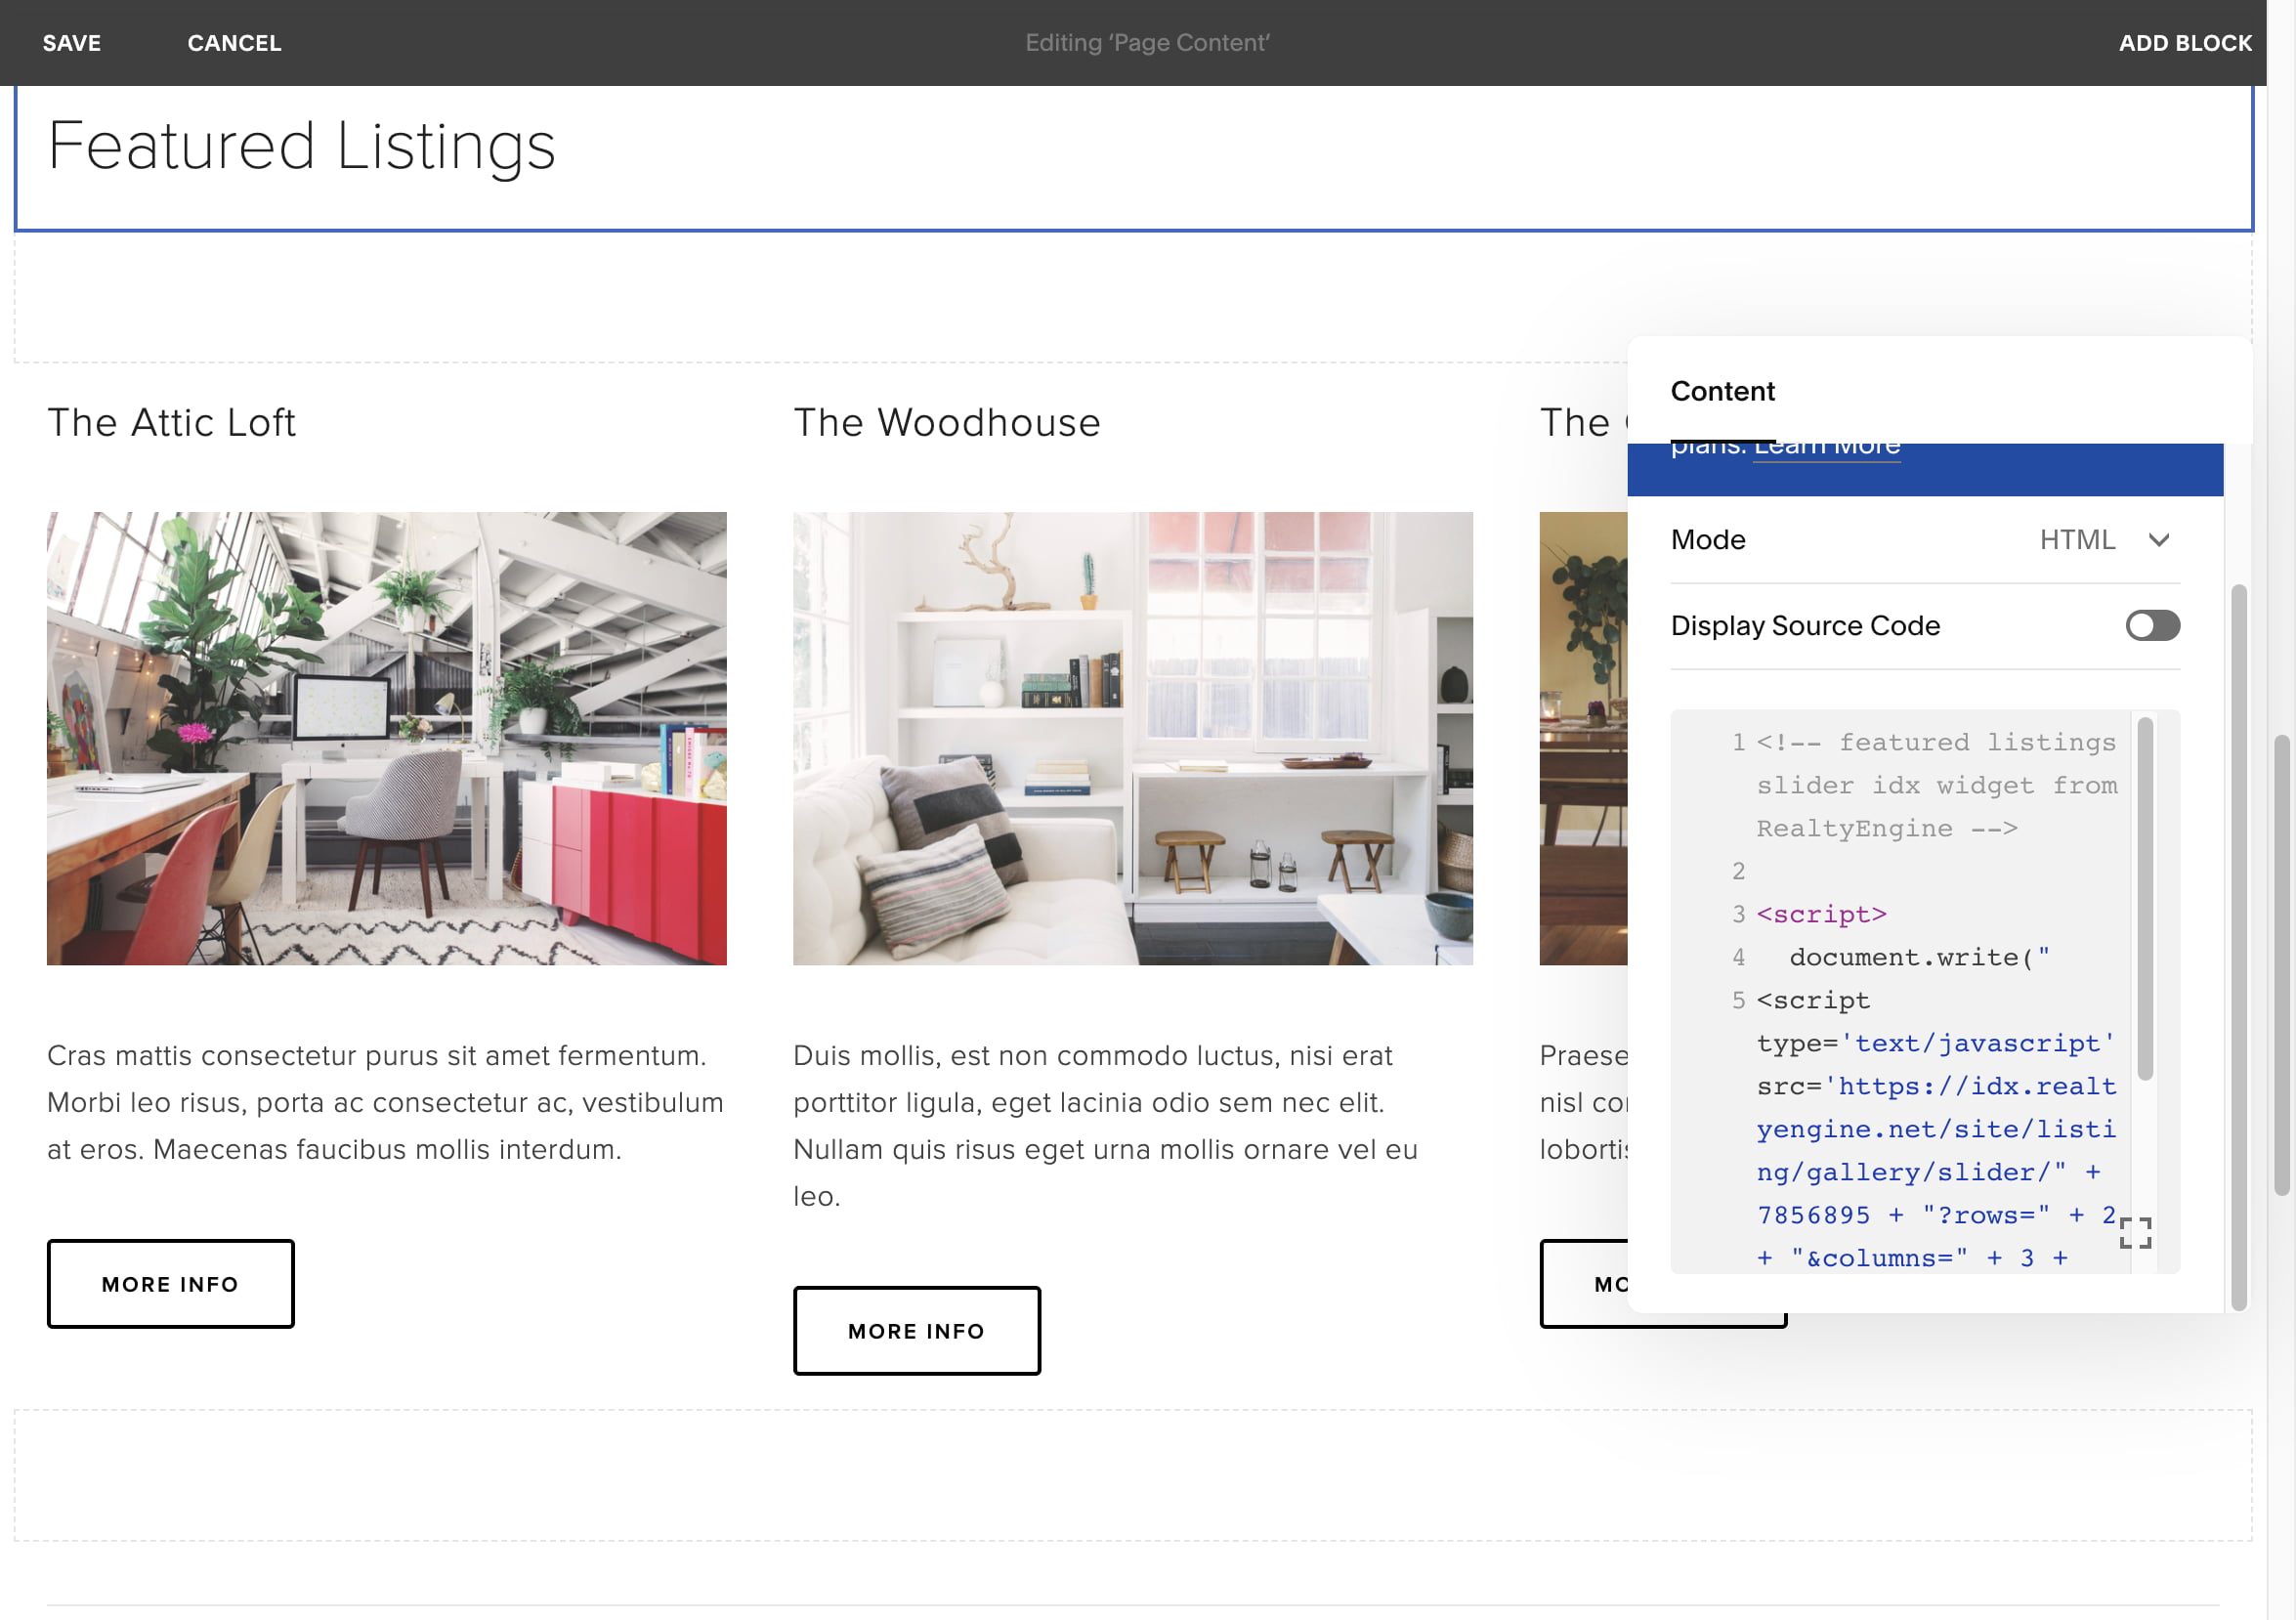 Screenshot of IDX added to a website